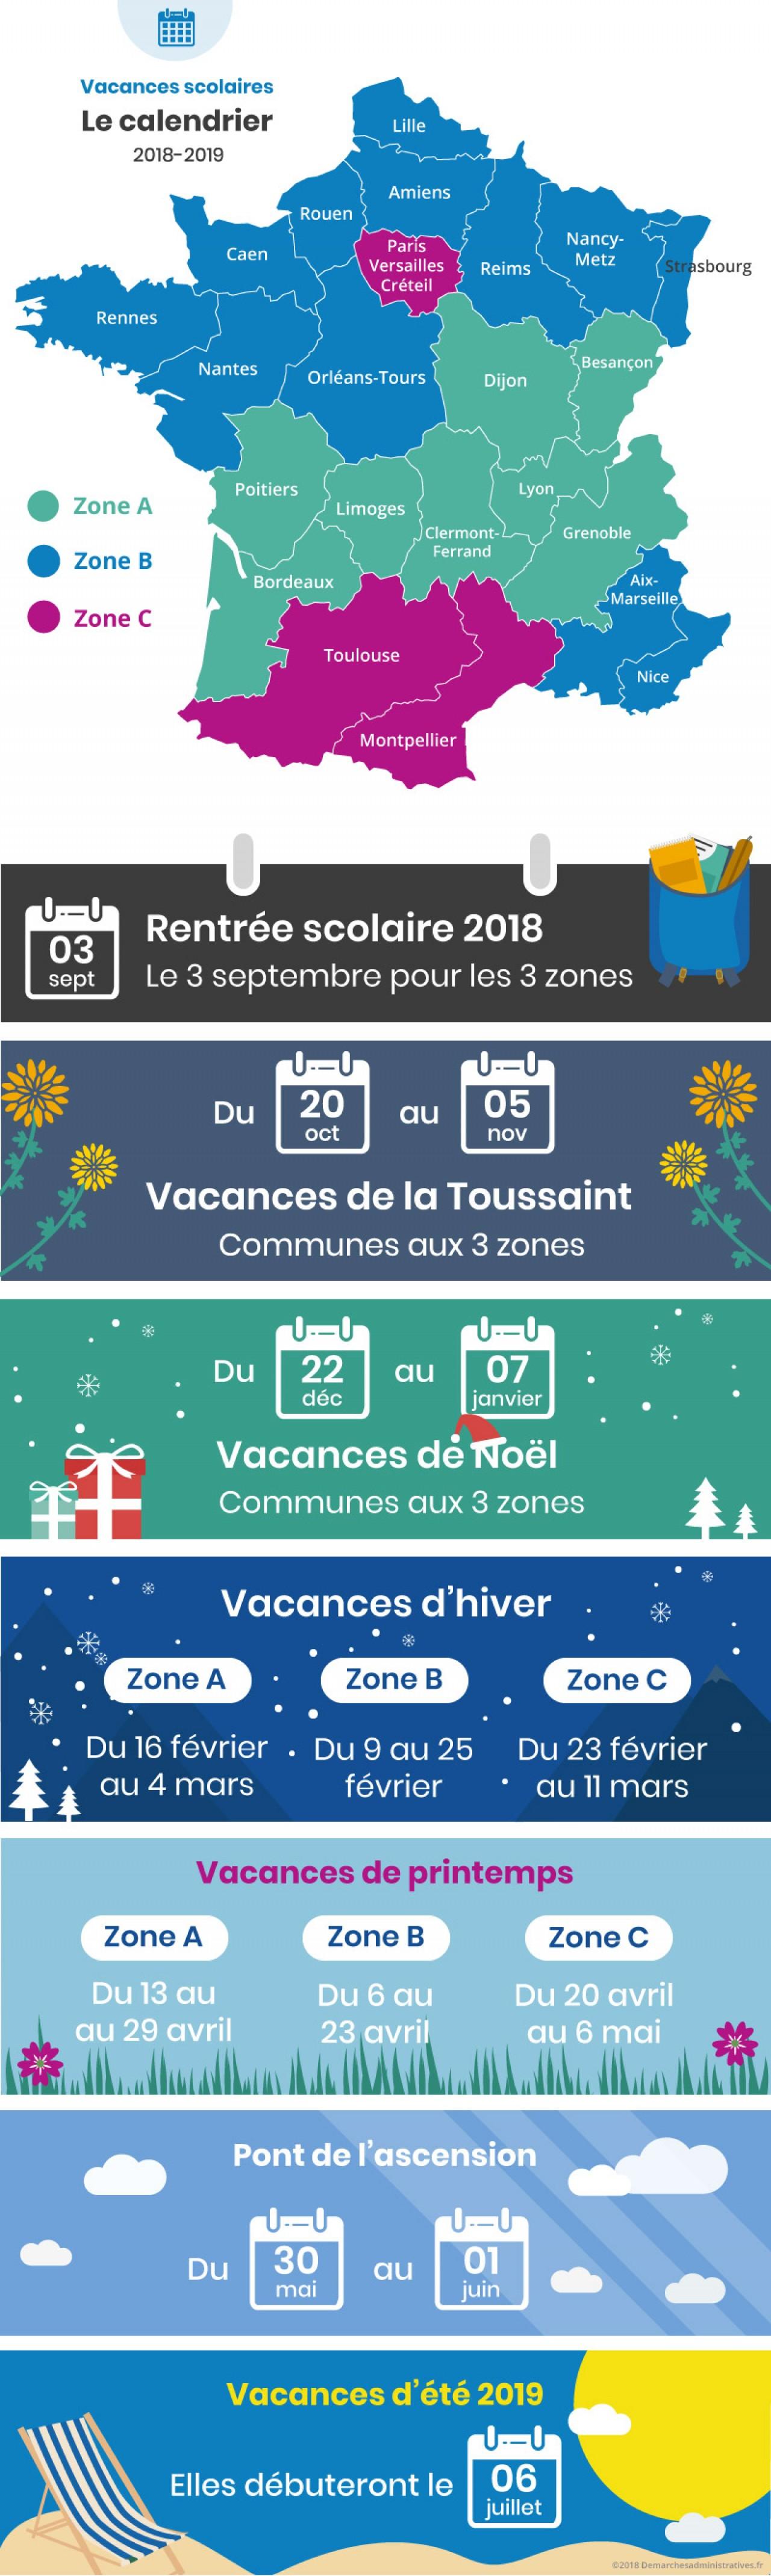 Calendrier scolaire 2018-2019 : dates de départ en vacances et de reprise des cours